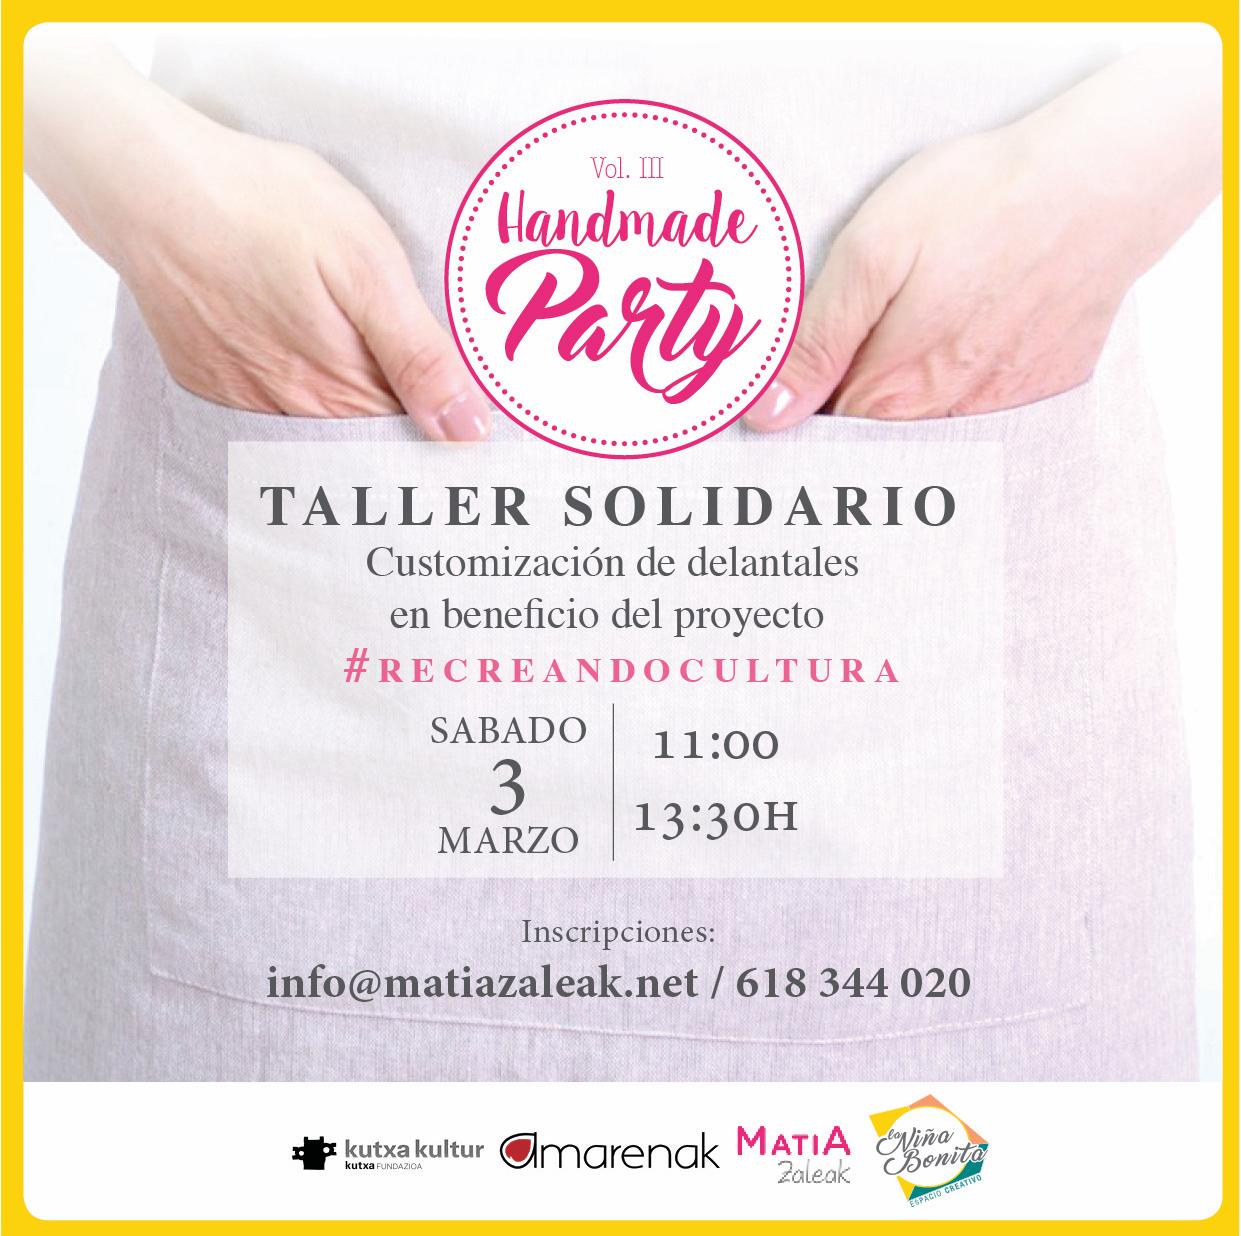 Evento solidario Donostia